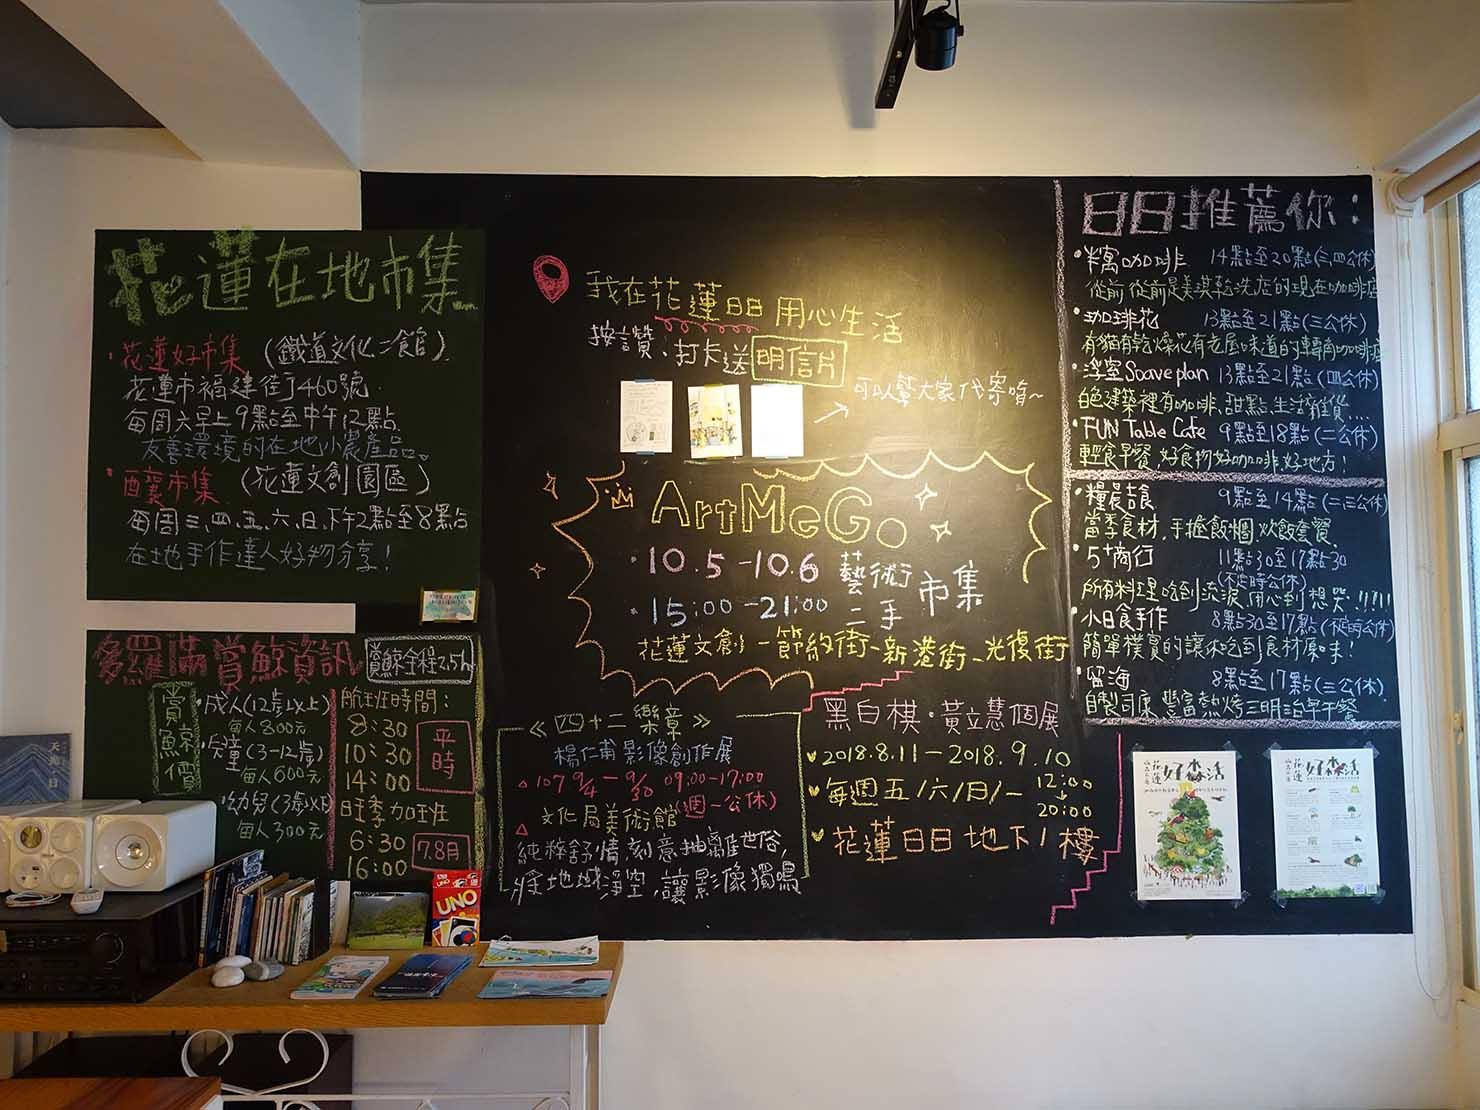 花蓮市街中心部のレトロかわいいおすすめゲストハウス「花蓮日日 Hualien dairy」の観光案内が描かれた黒板